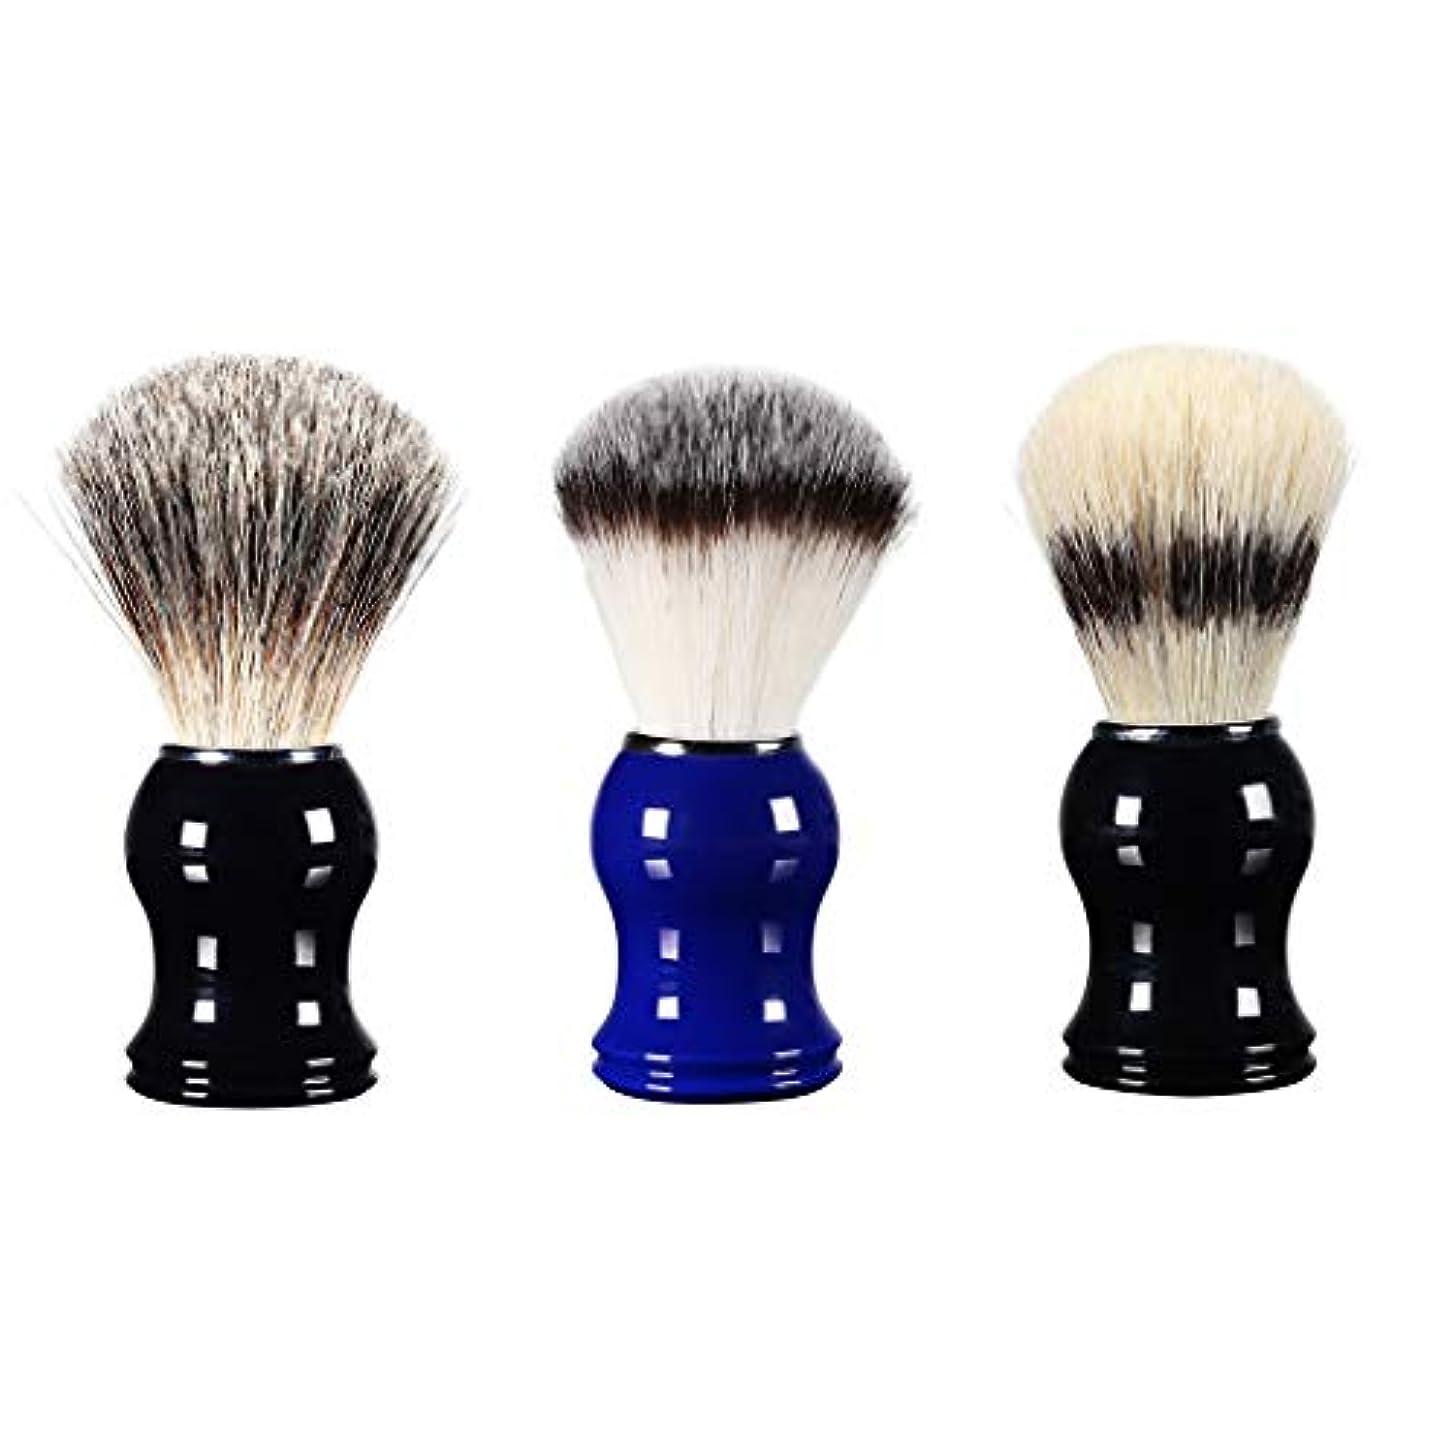 リファイン解釈的行為3個 男性用 シェービング用ブラシ 理容 洗顔 髭剃り 泡立ち アクセサリー